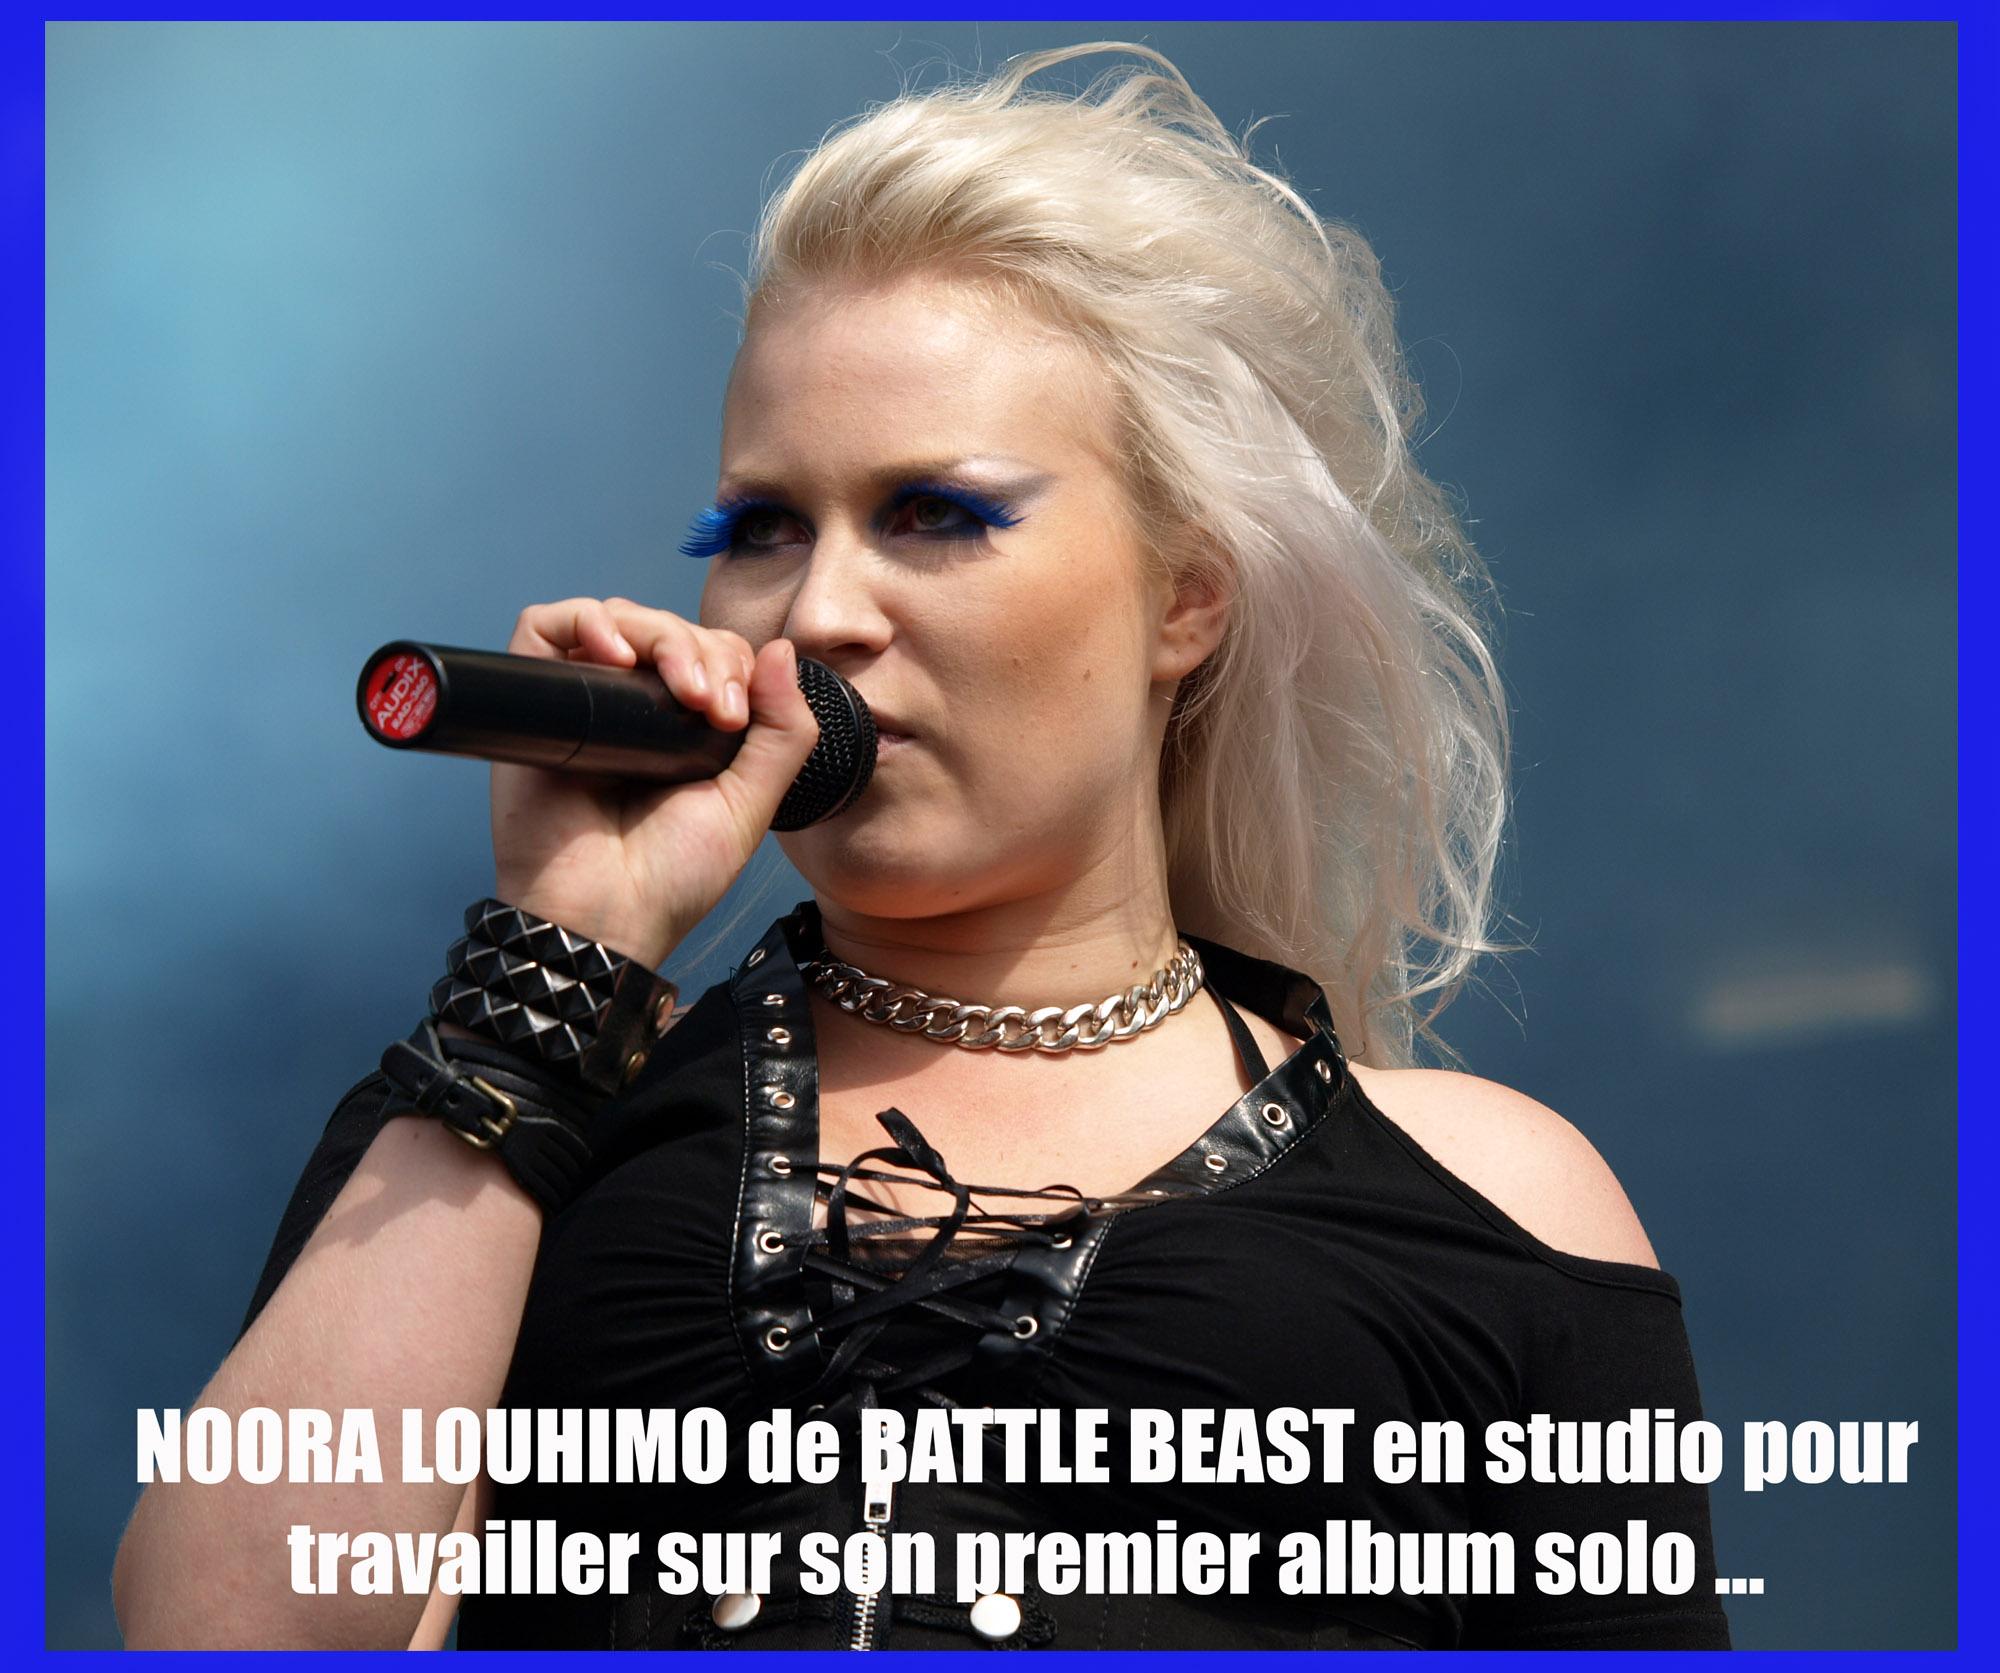 NOORA LOUHIMO (Battle Beast) en solo pour bientôt ... Sans_301